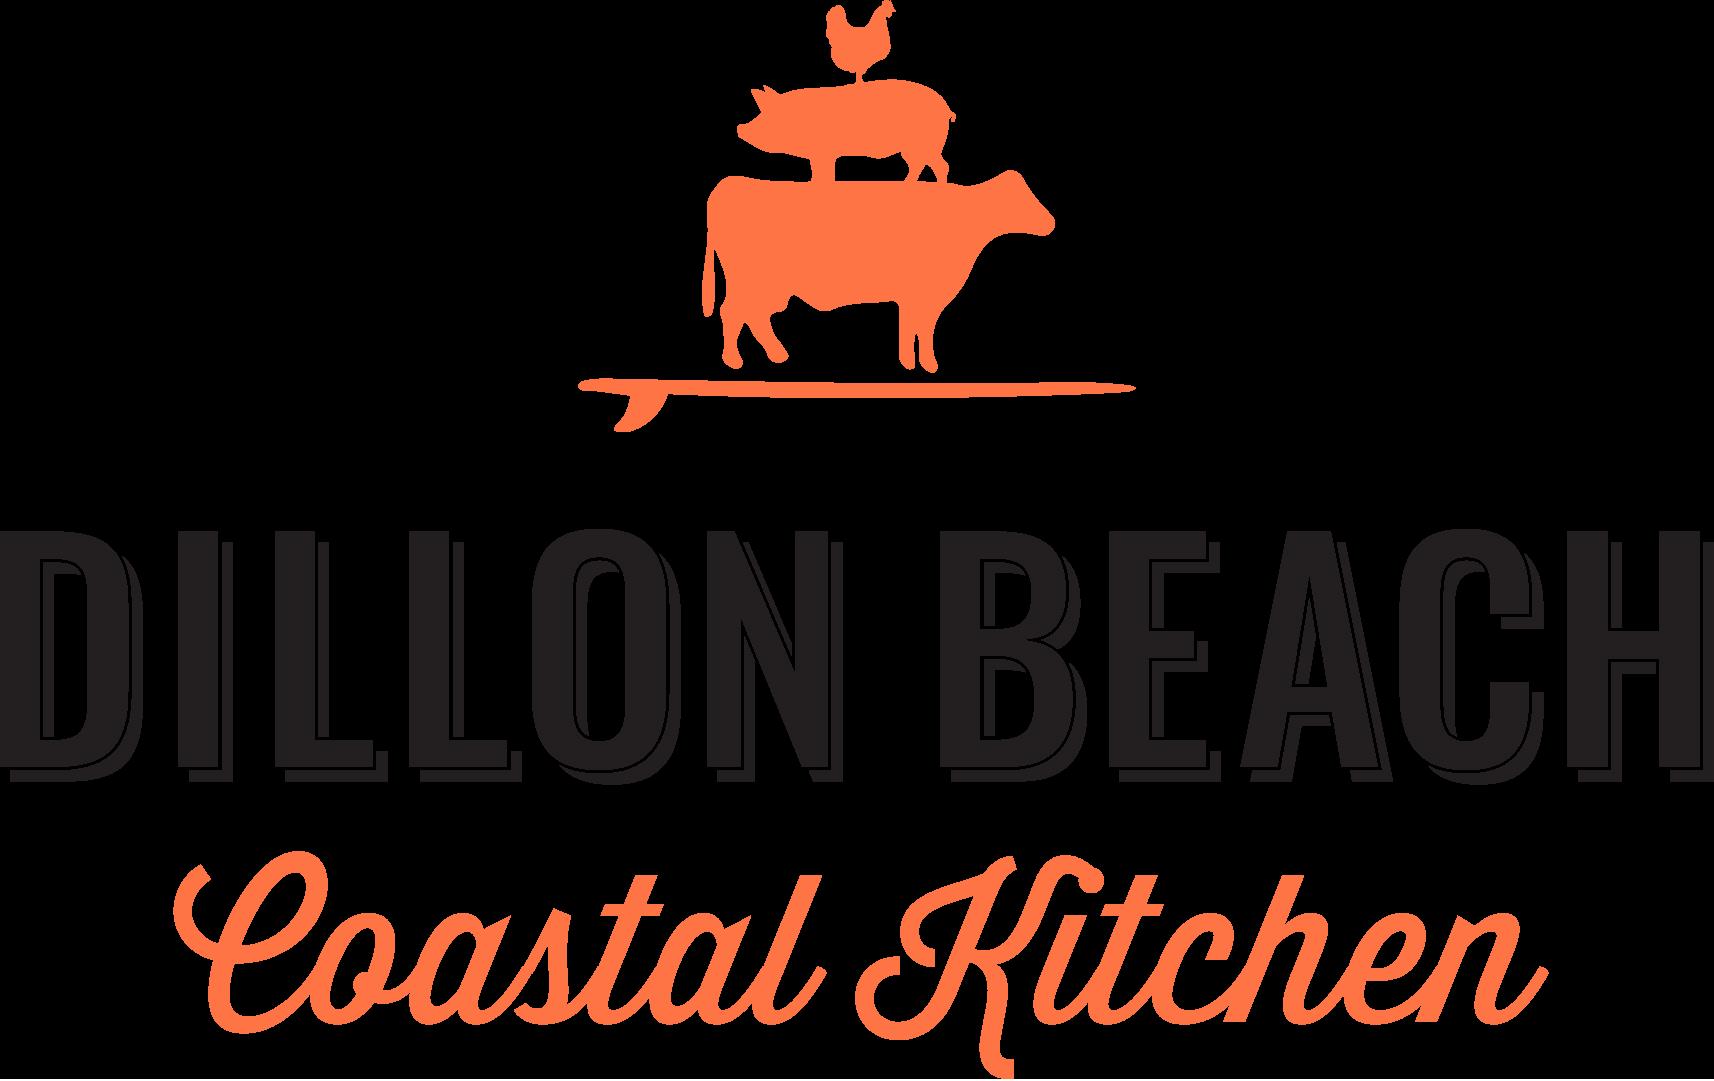 DBR_Coastal_Kitchen_color (2).png